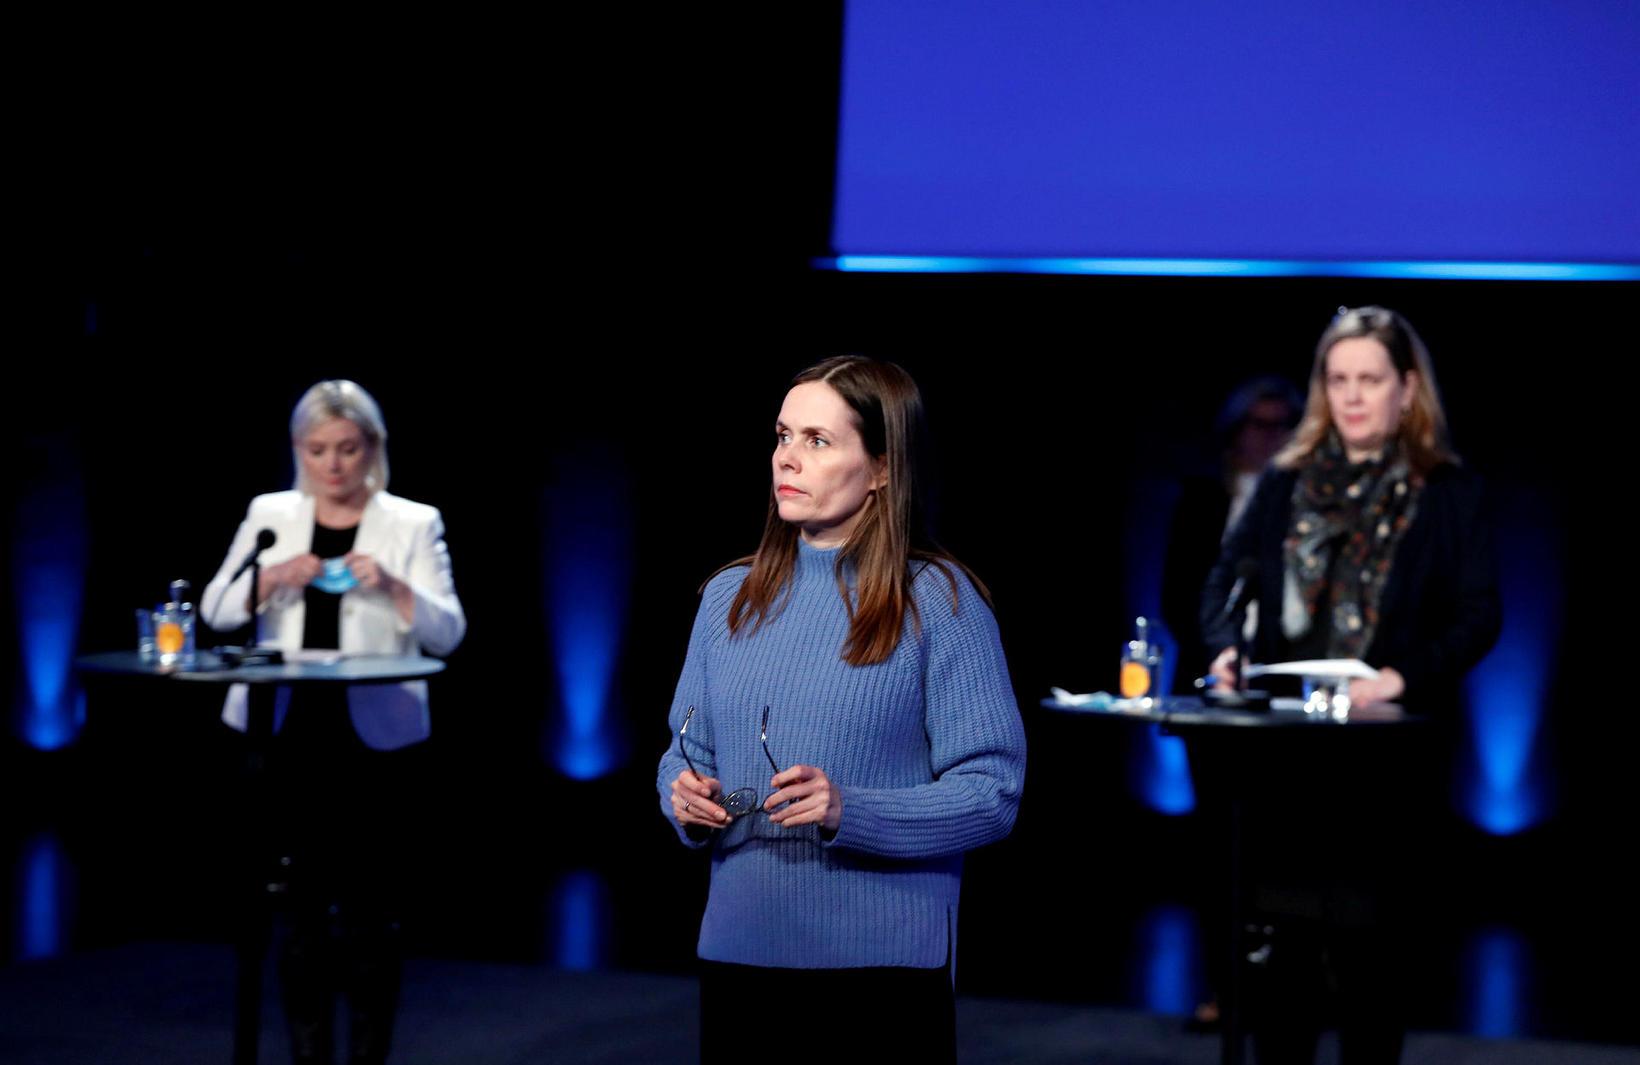 Lilja Alfreðsdóttir, Katrín Jakobsdóttir og Svandís Svavarsdóttir á fundinum í …